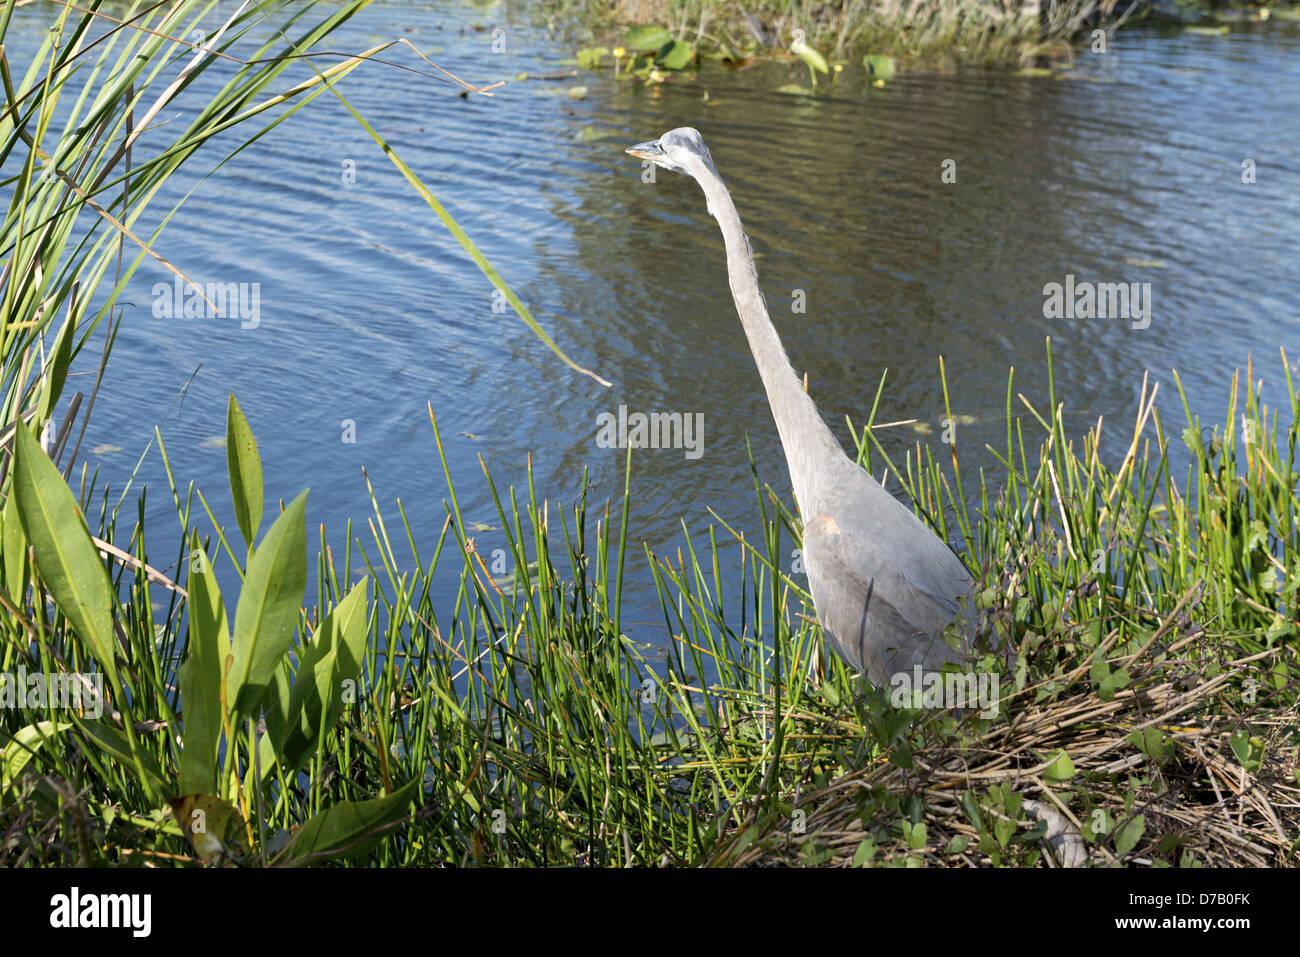 Bird, Anhinga Trail, Everglades National Park, Florida City, Florida City, Florida, USA, - Stock Image